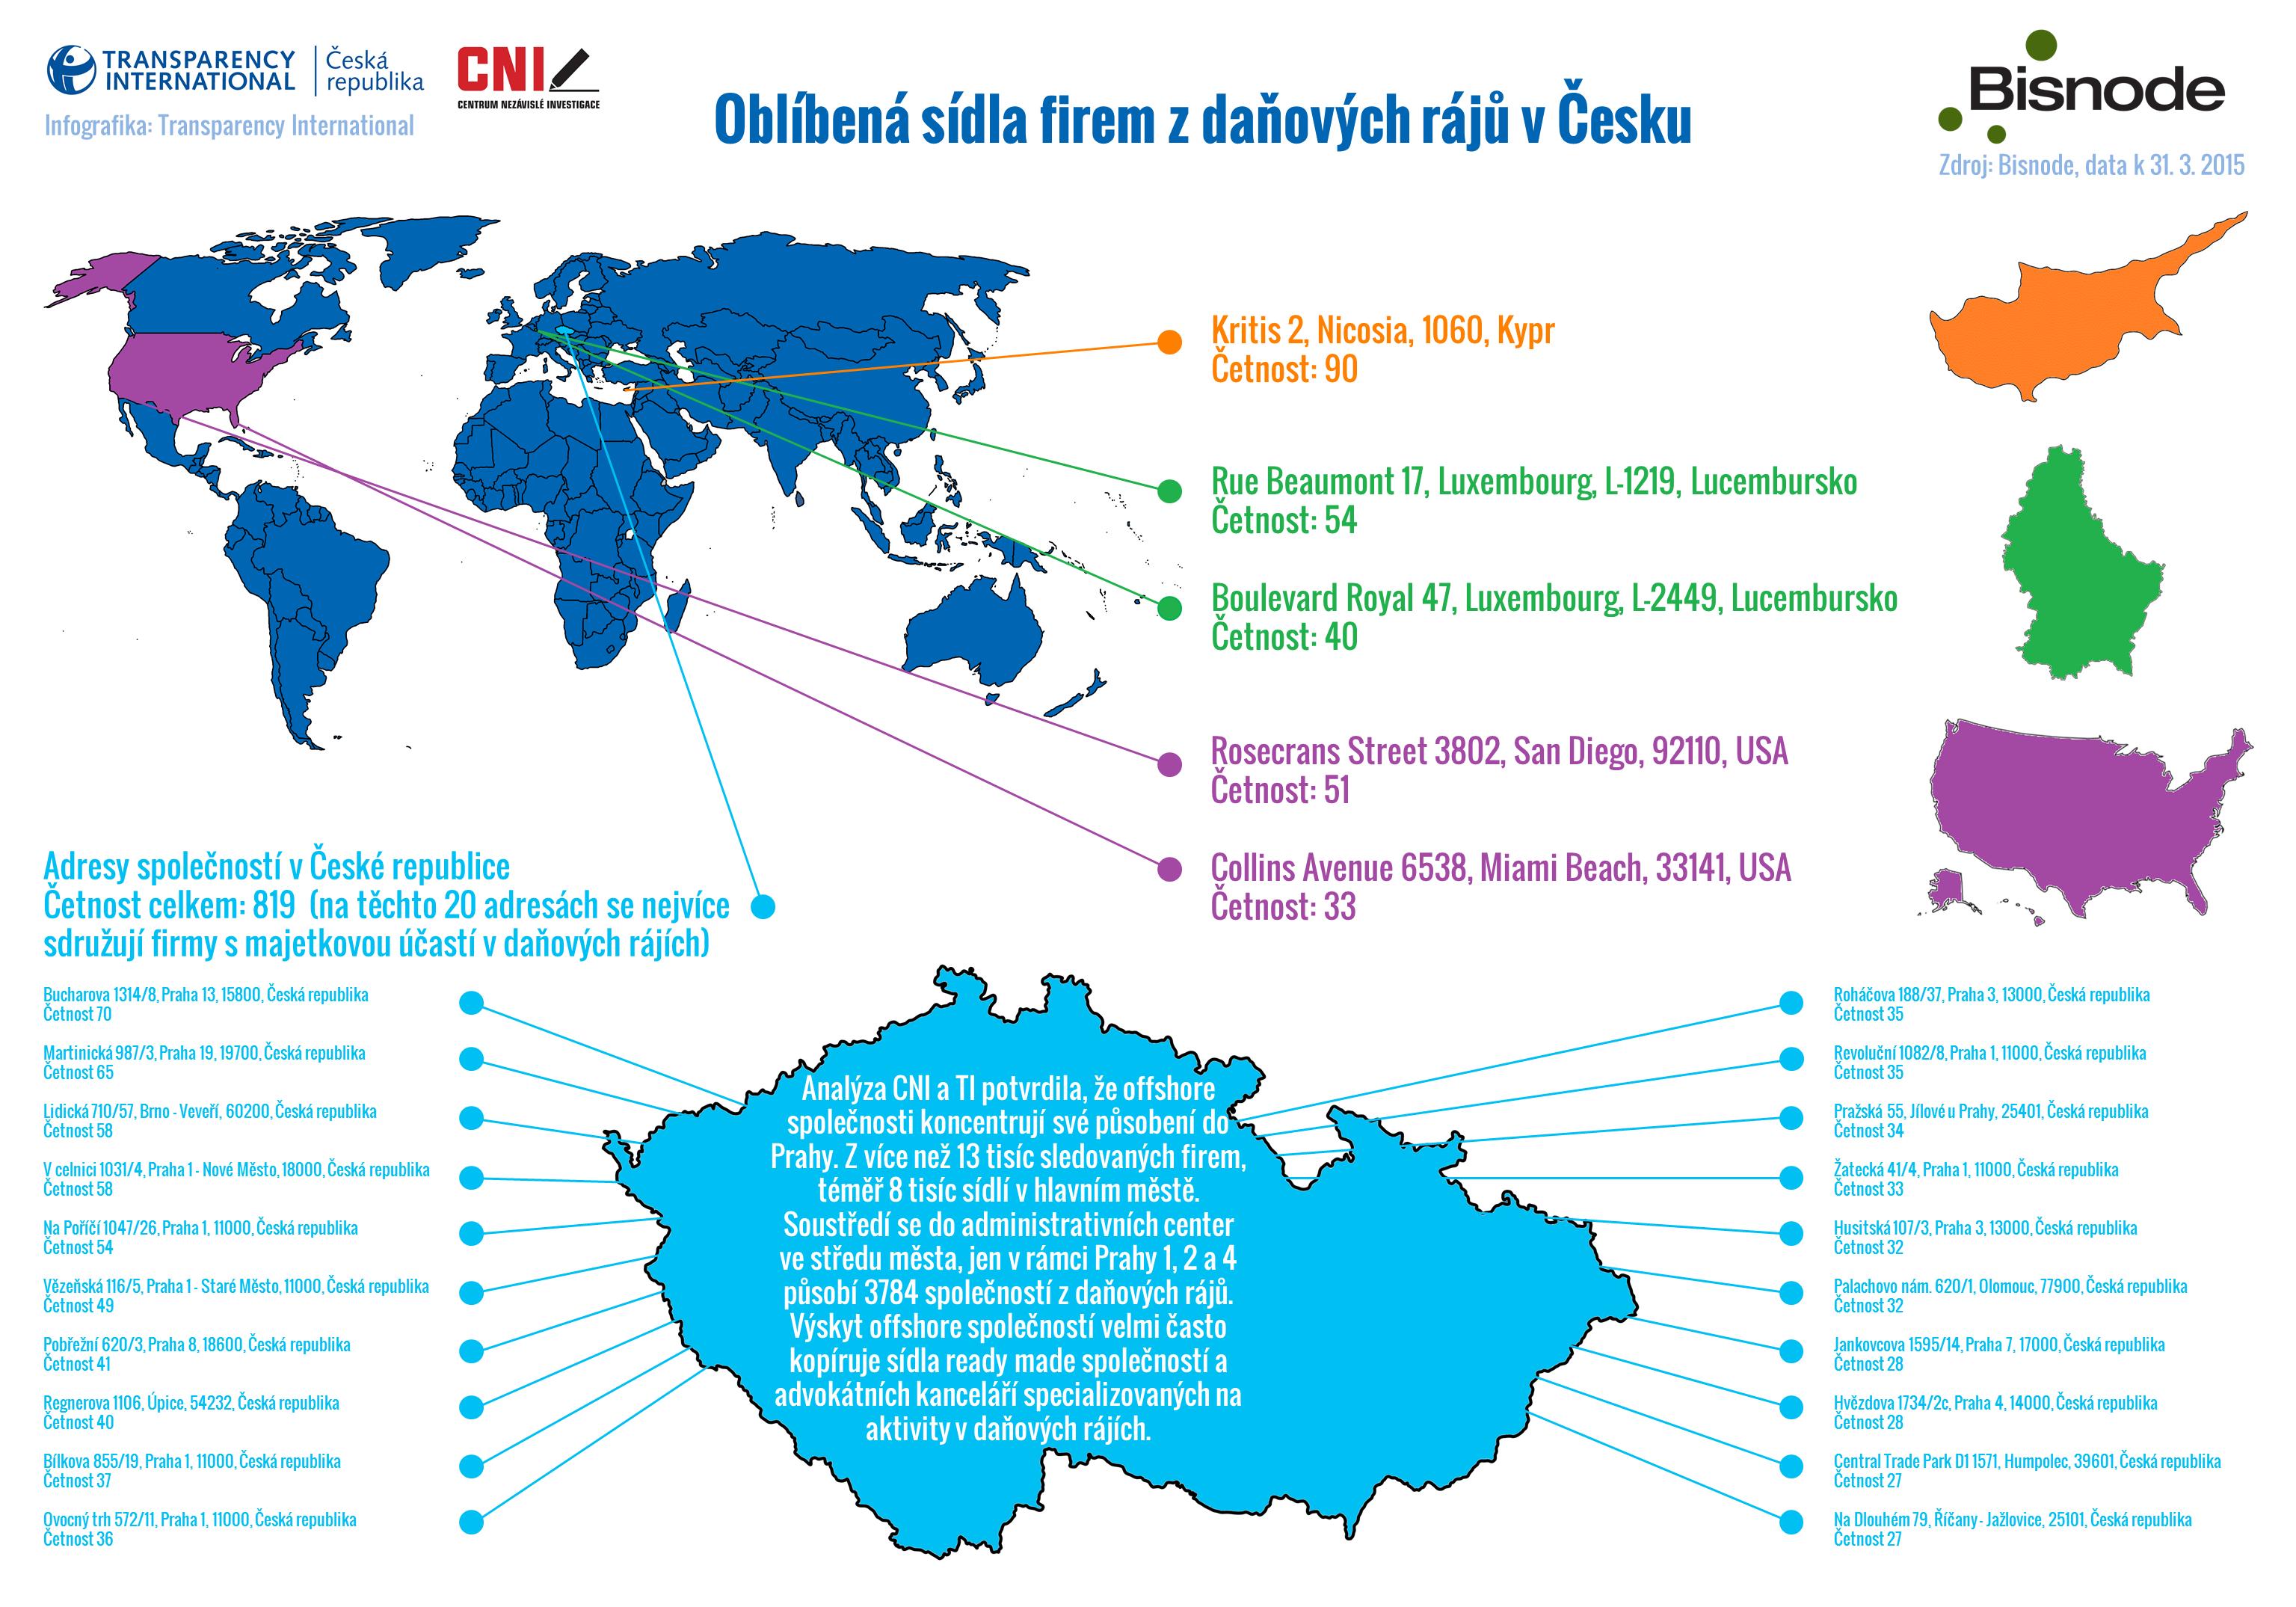 Oblíbená sídla firem z daňových rájů v Česku - Header